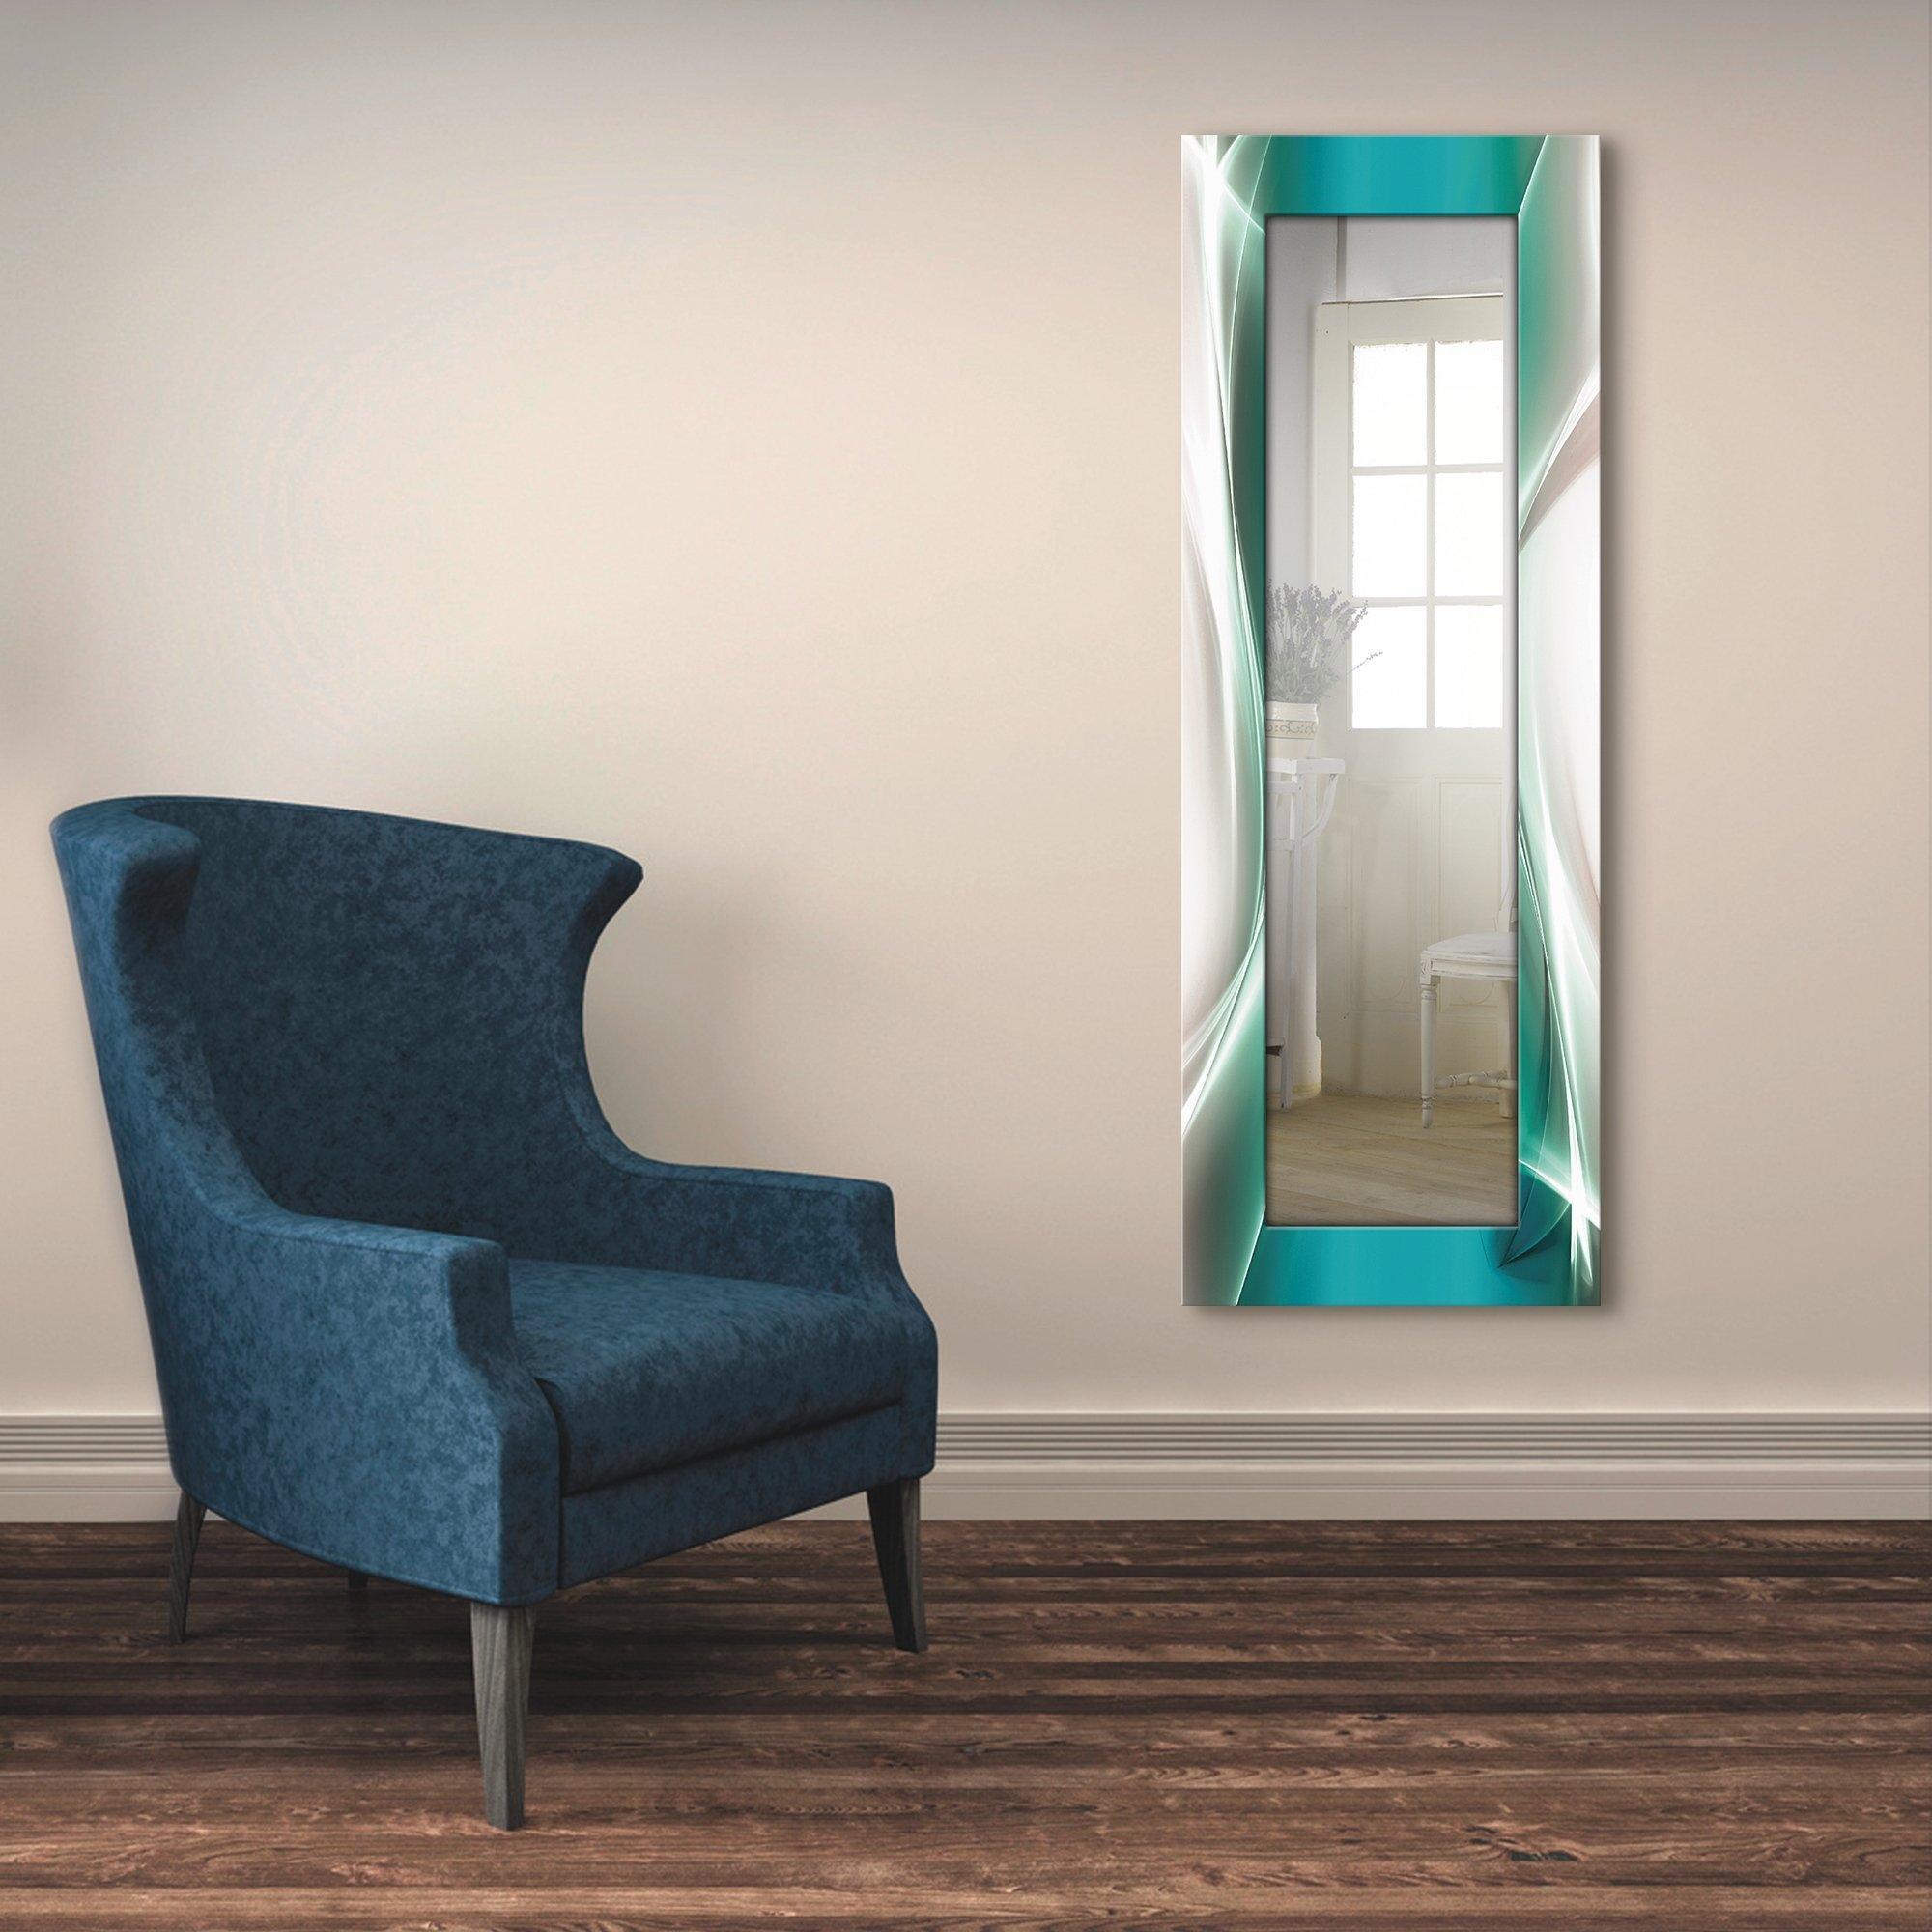 Artland wandspiegel Creatief element ingelijste spiegel voor het hele lichaam met motiefrand, geschikt voor kleine, smalle hal, halspiegel, mirror spiegel omrand om op te hangen - verschillende betaalmethodes